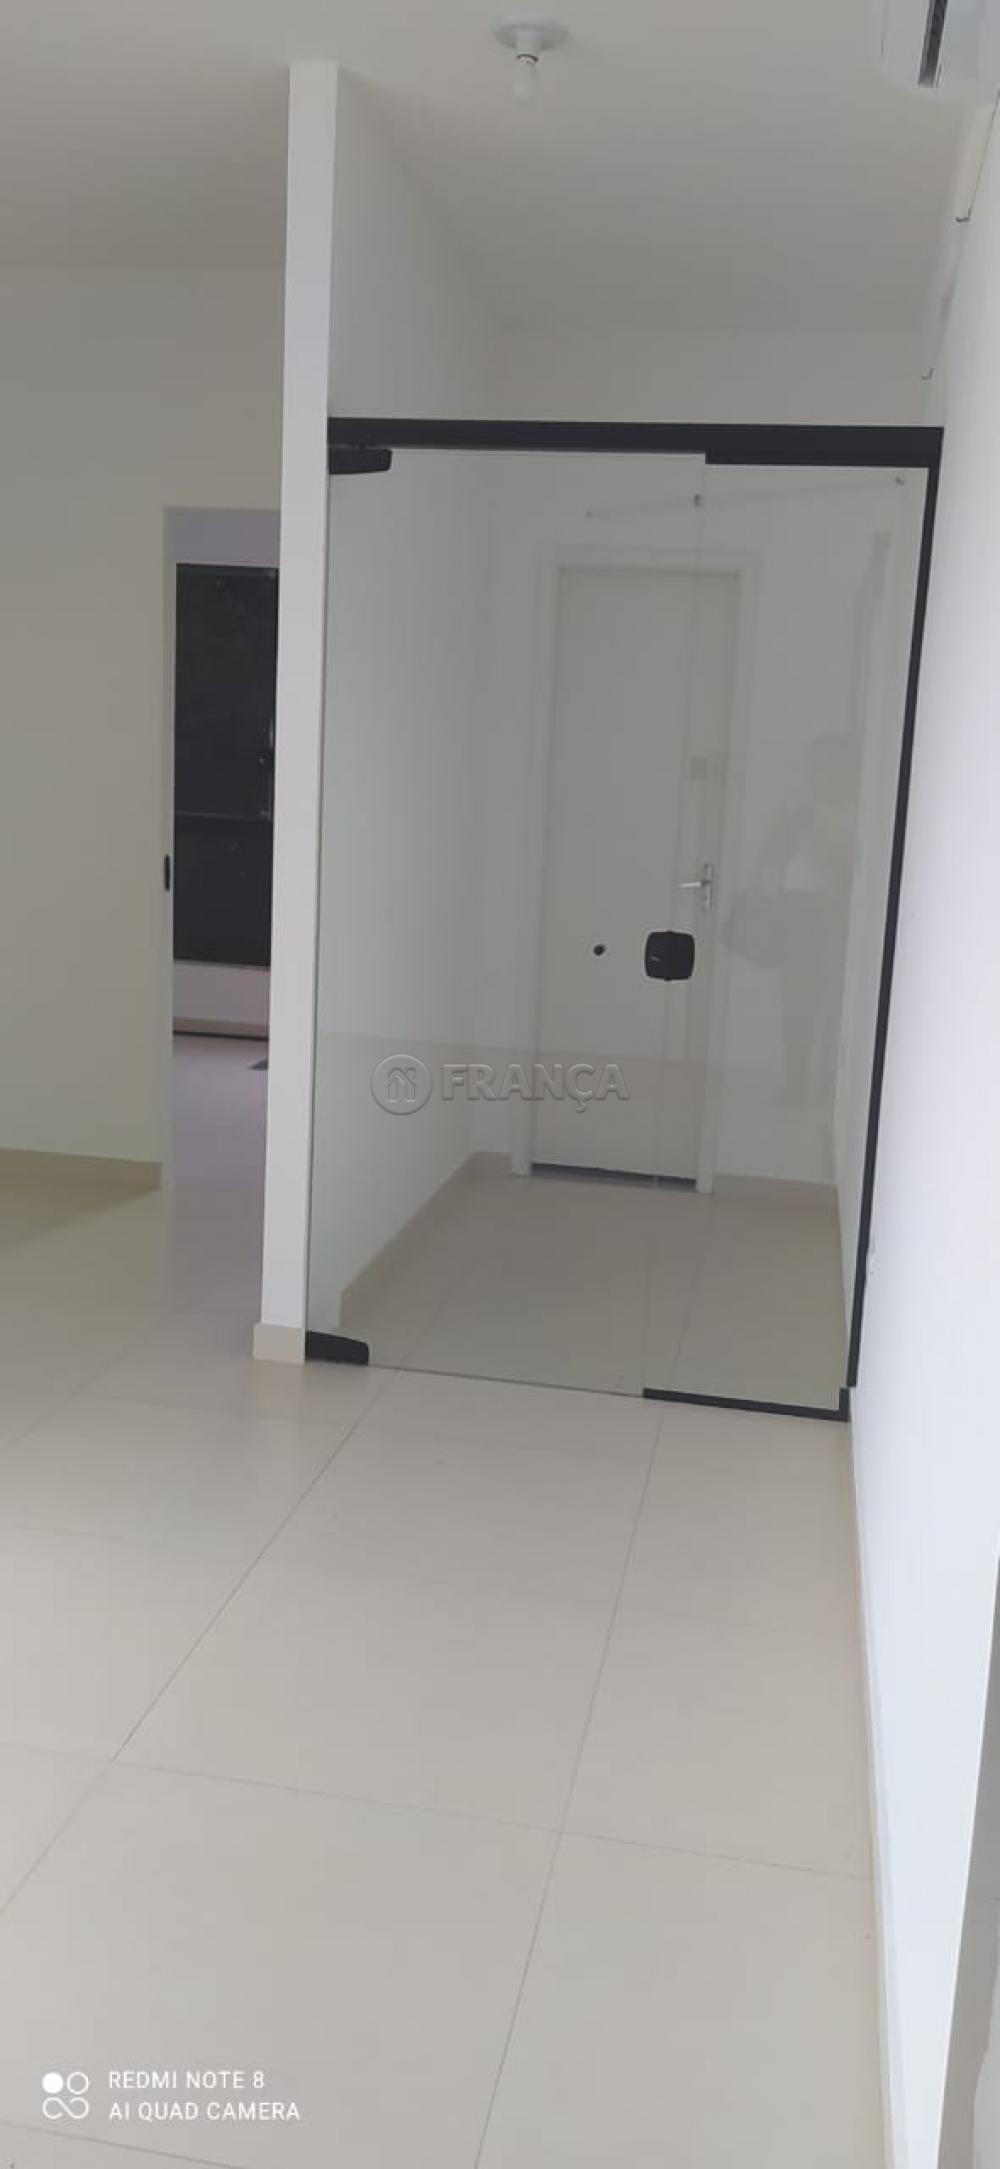 Alugar Comercial / Sala em Jacareí apenas R$ 1.000,00 - Foto 5